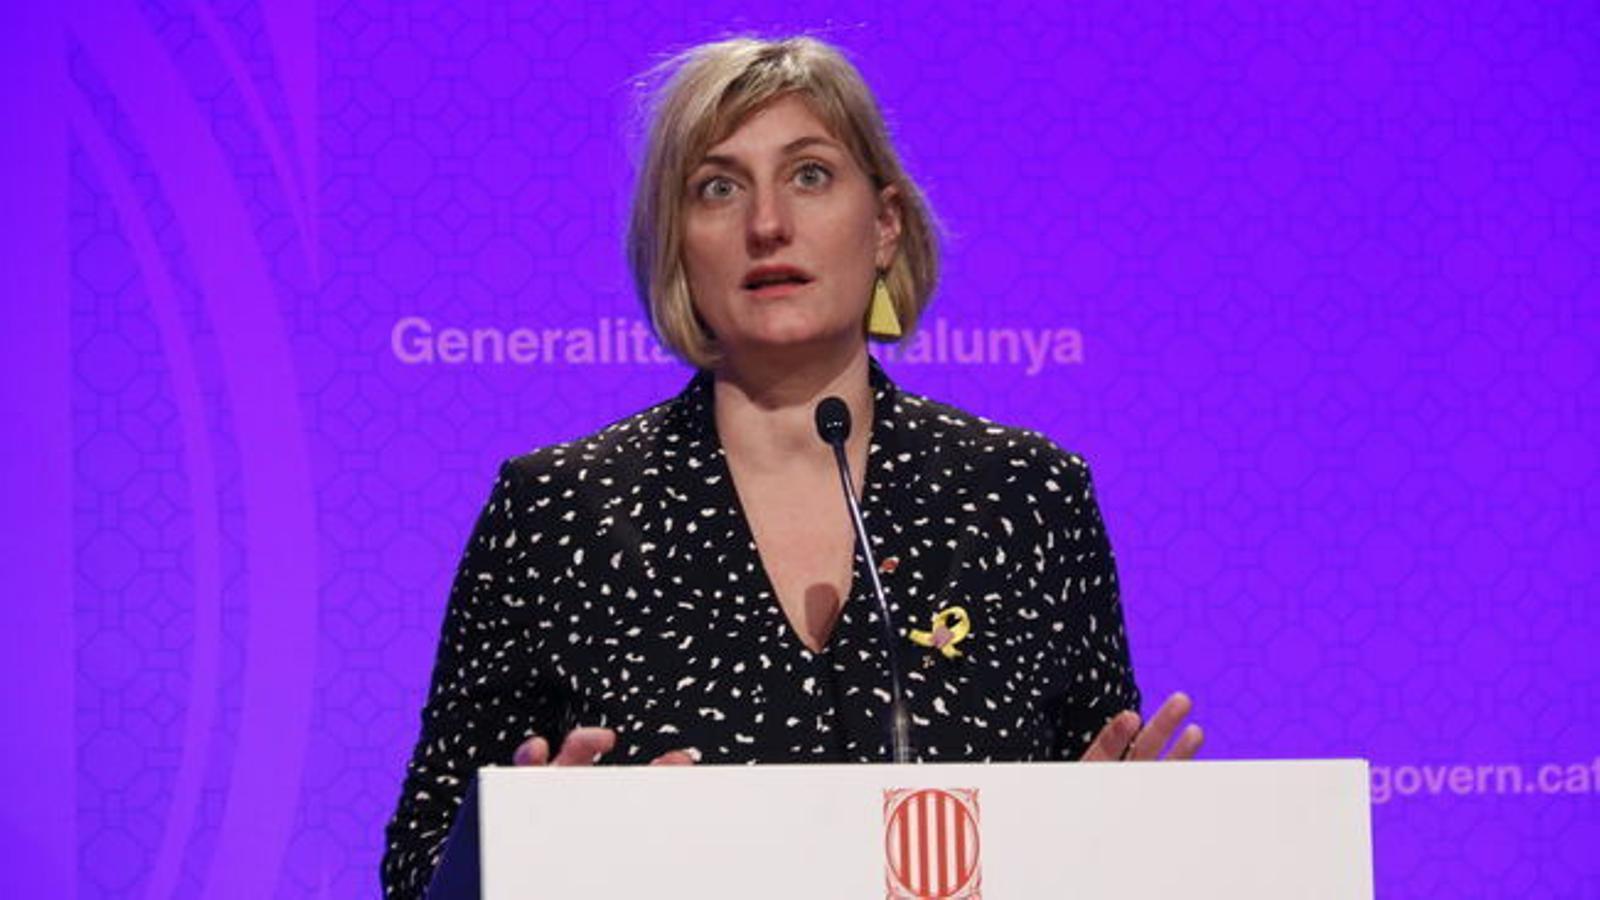 La consellera de Salut, Alba Vergés, en una imatge d'arxiu.